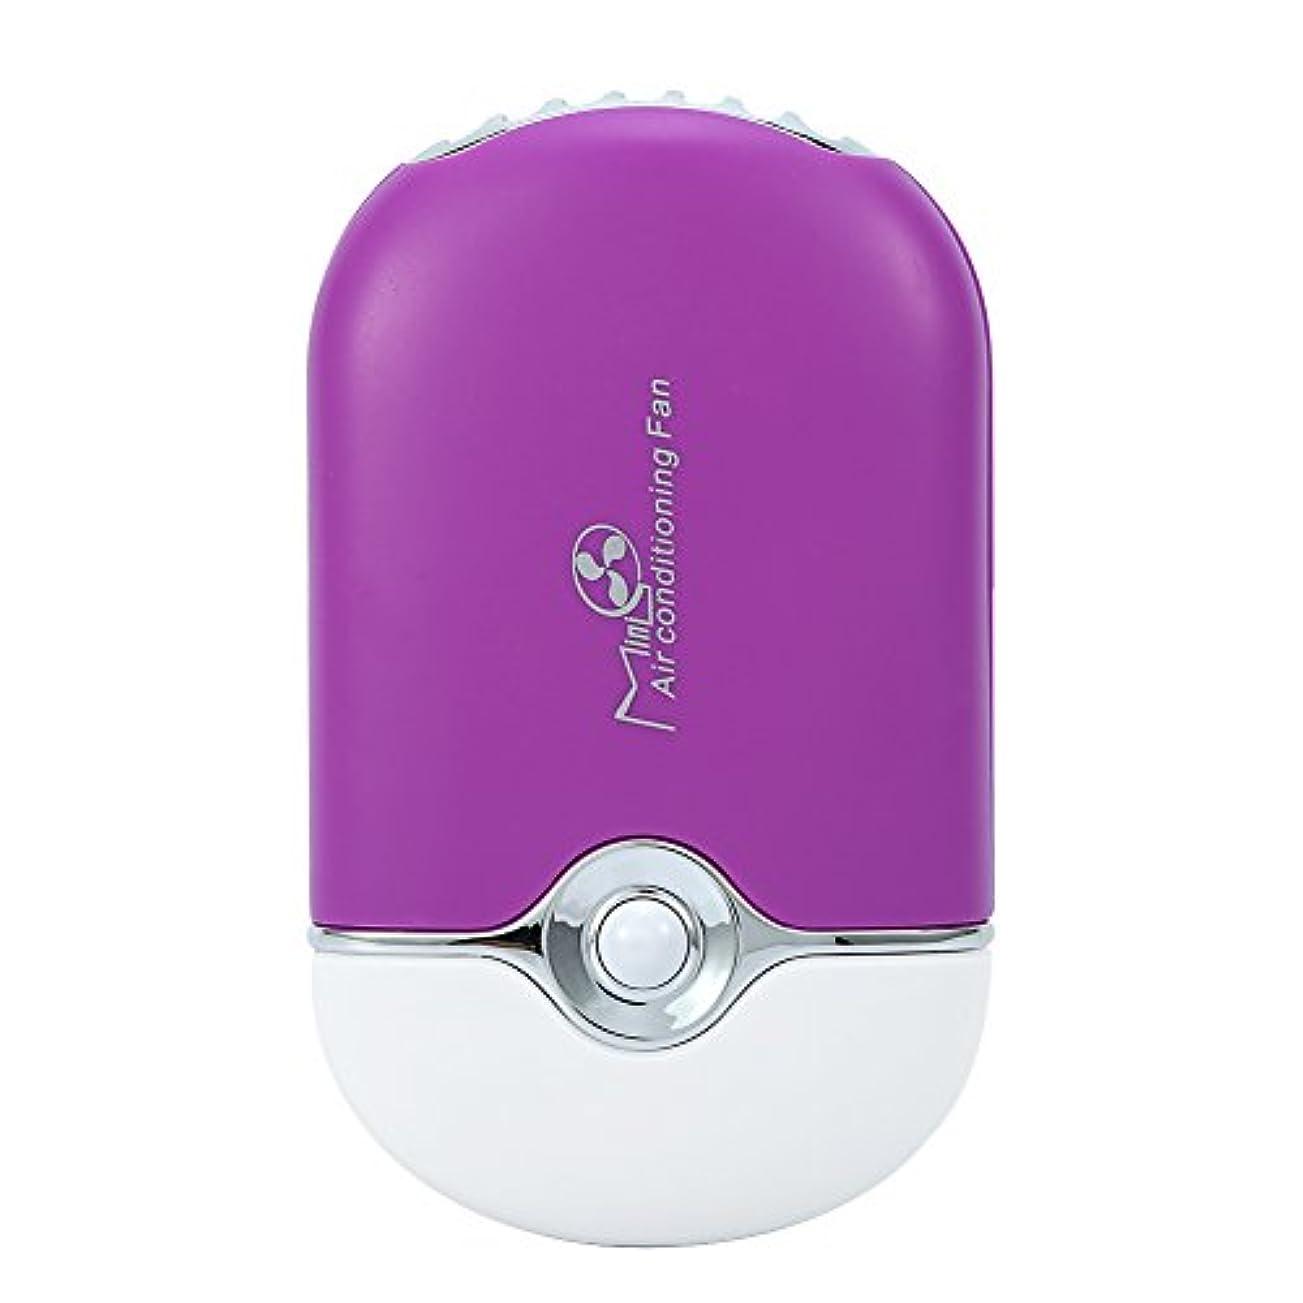 社会科遠足ジュラシックパークミニファン まつげファン USB充電ファン 扇風機 電動エアコンブロワー、ハンドヘルド冷却冷凍ファンusbリチャージ用まつげエクステンションマニキュア高速ドライヤー(紫の)